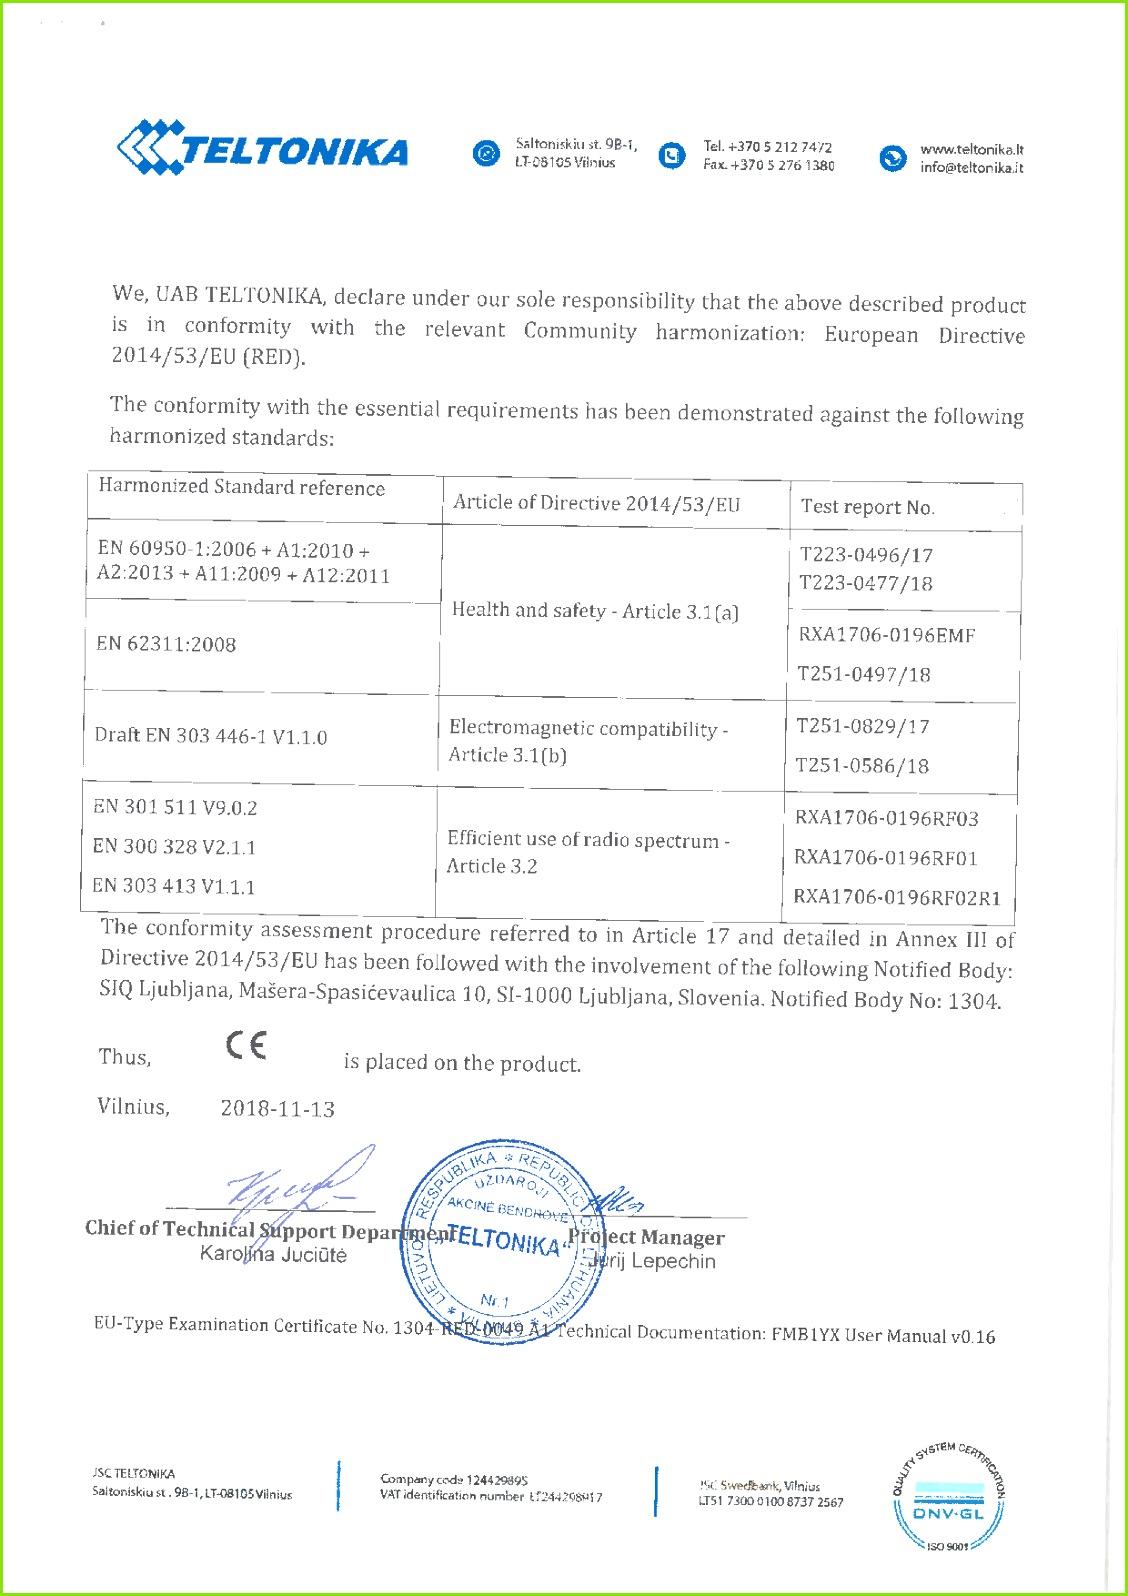 File EC Declaration of Conformity 2017 12 04 2